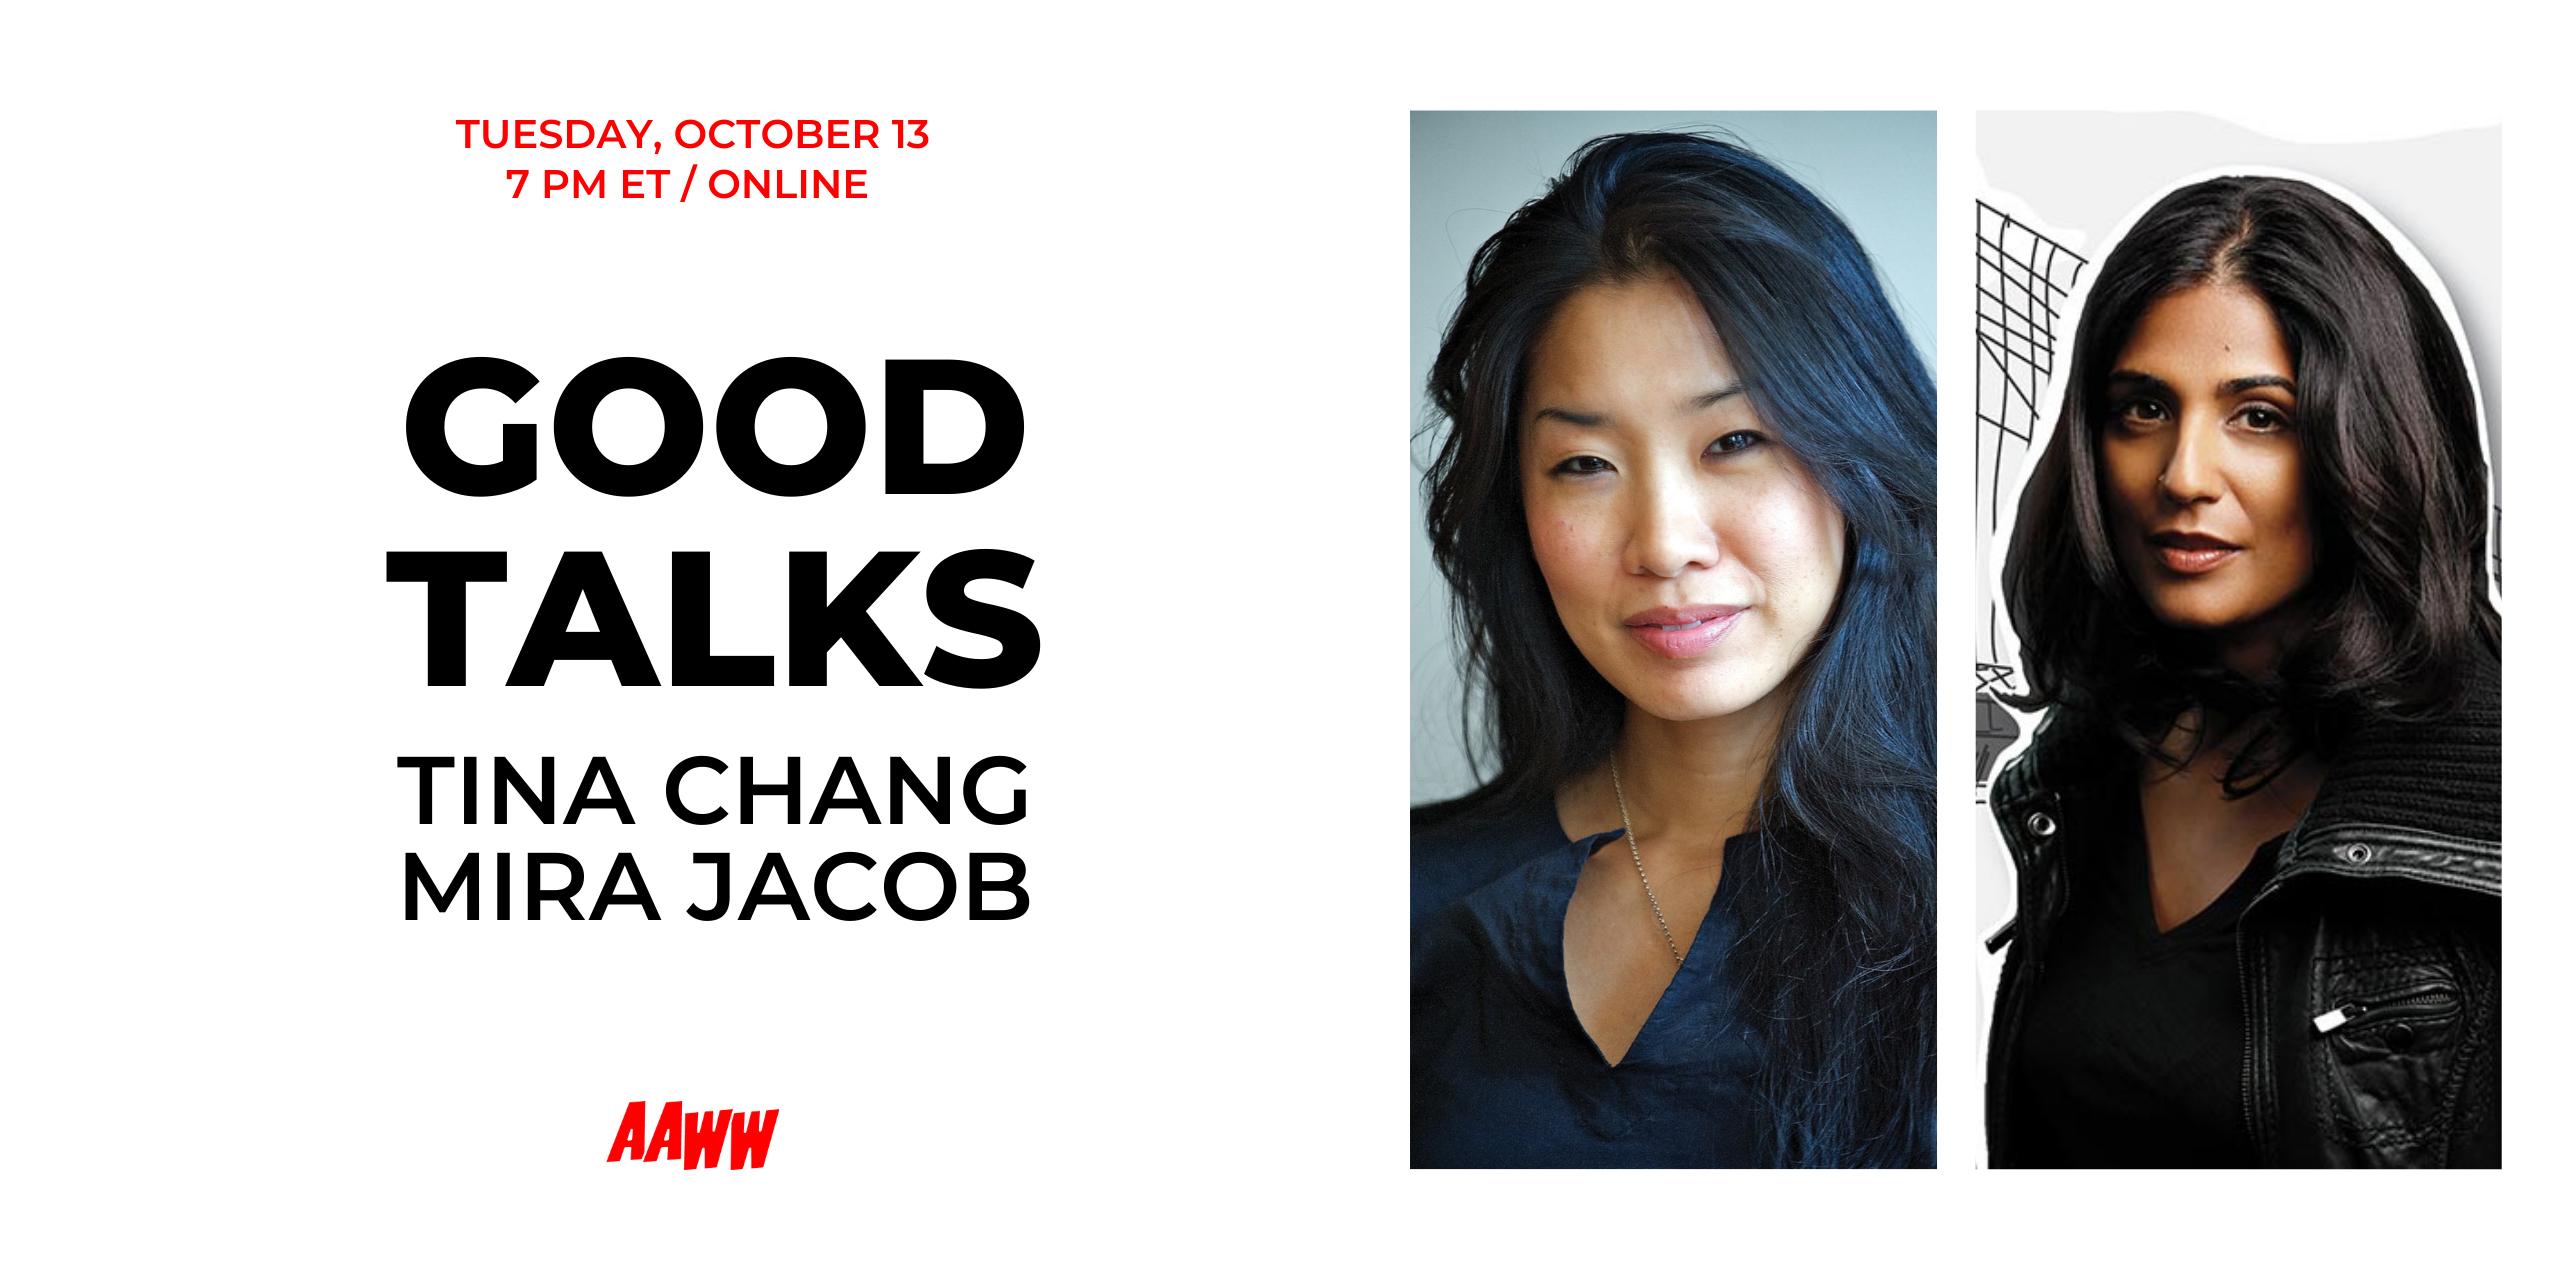 Good Talks: Tina Chang and Mira Jacob